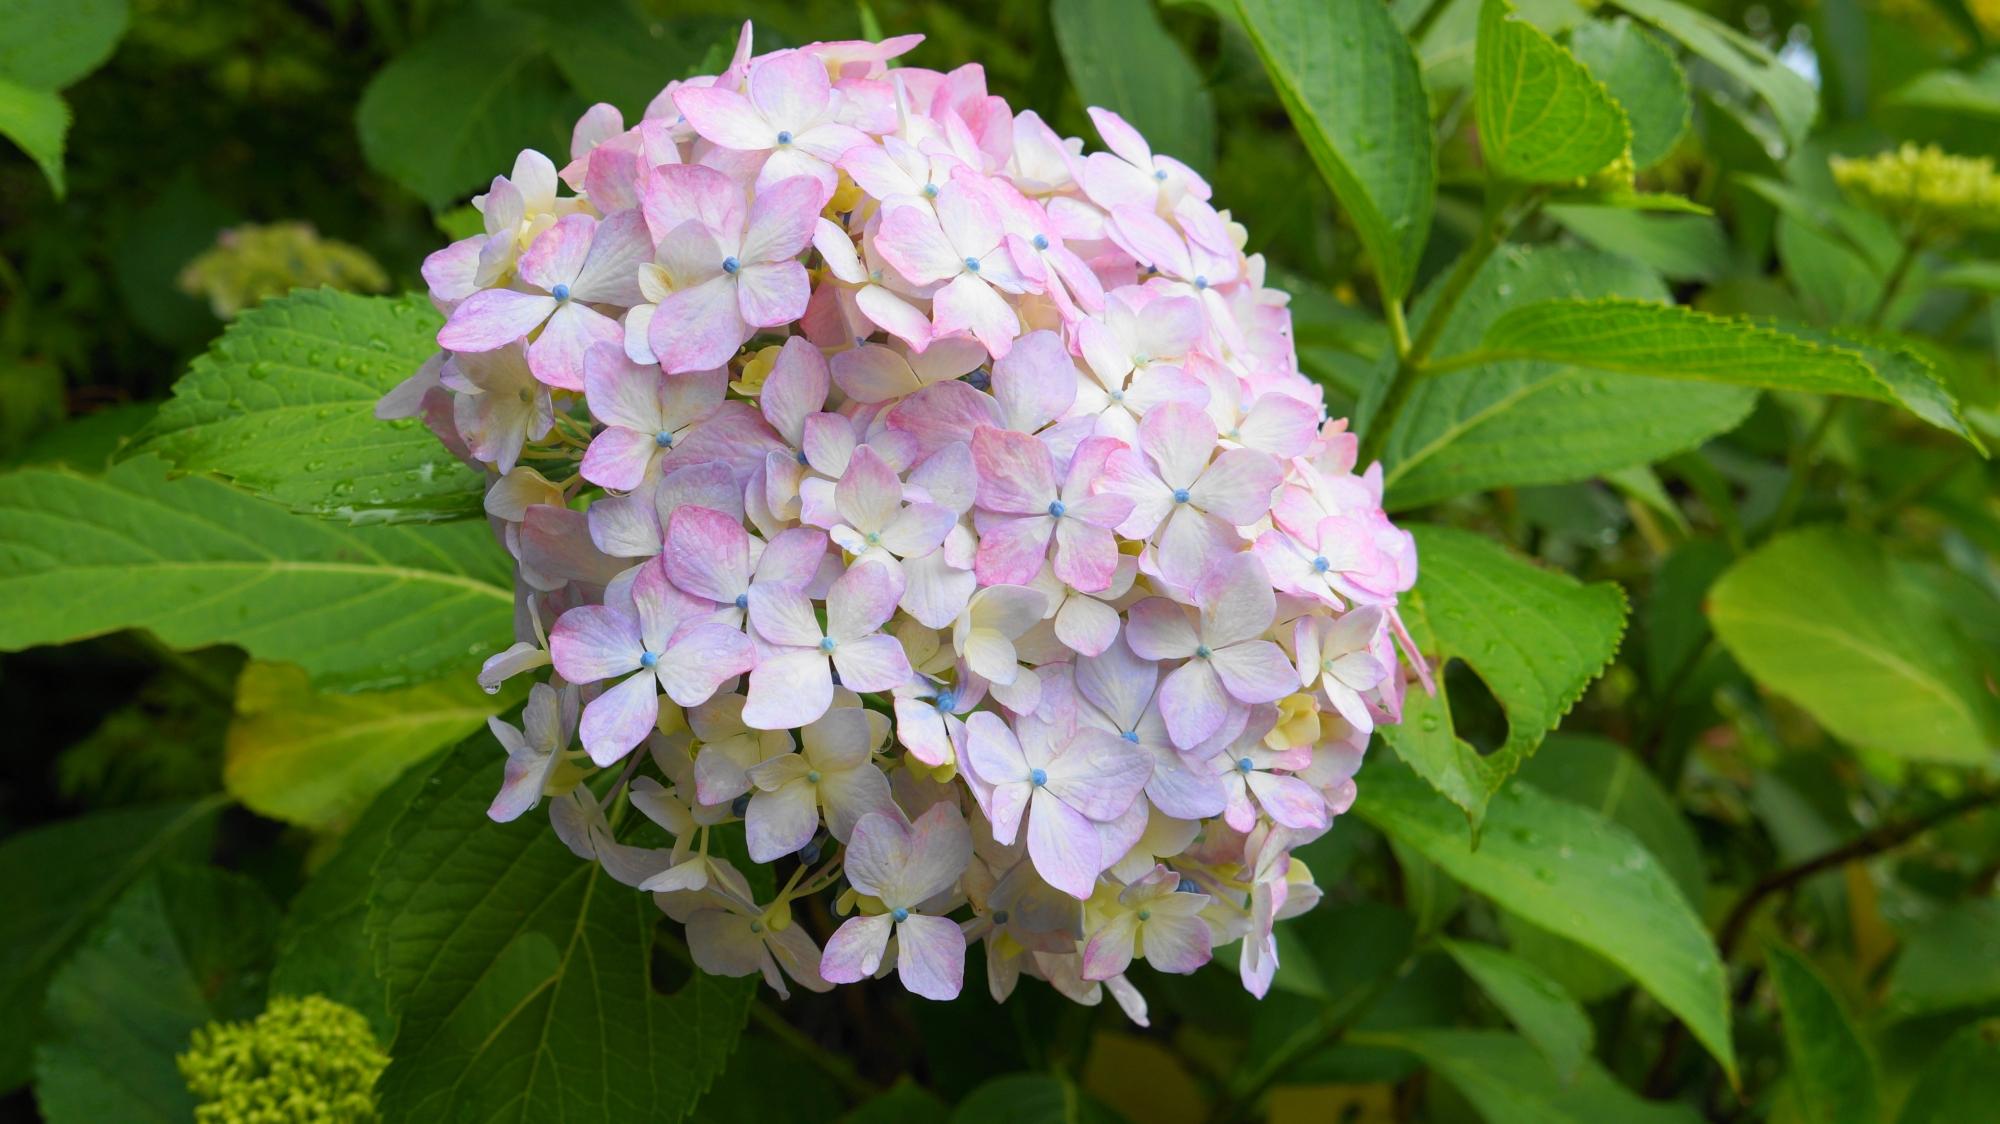 ほのかなピンクの入った優しげな白い紫陽花